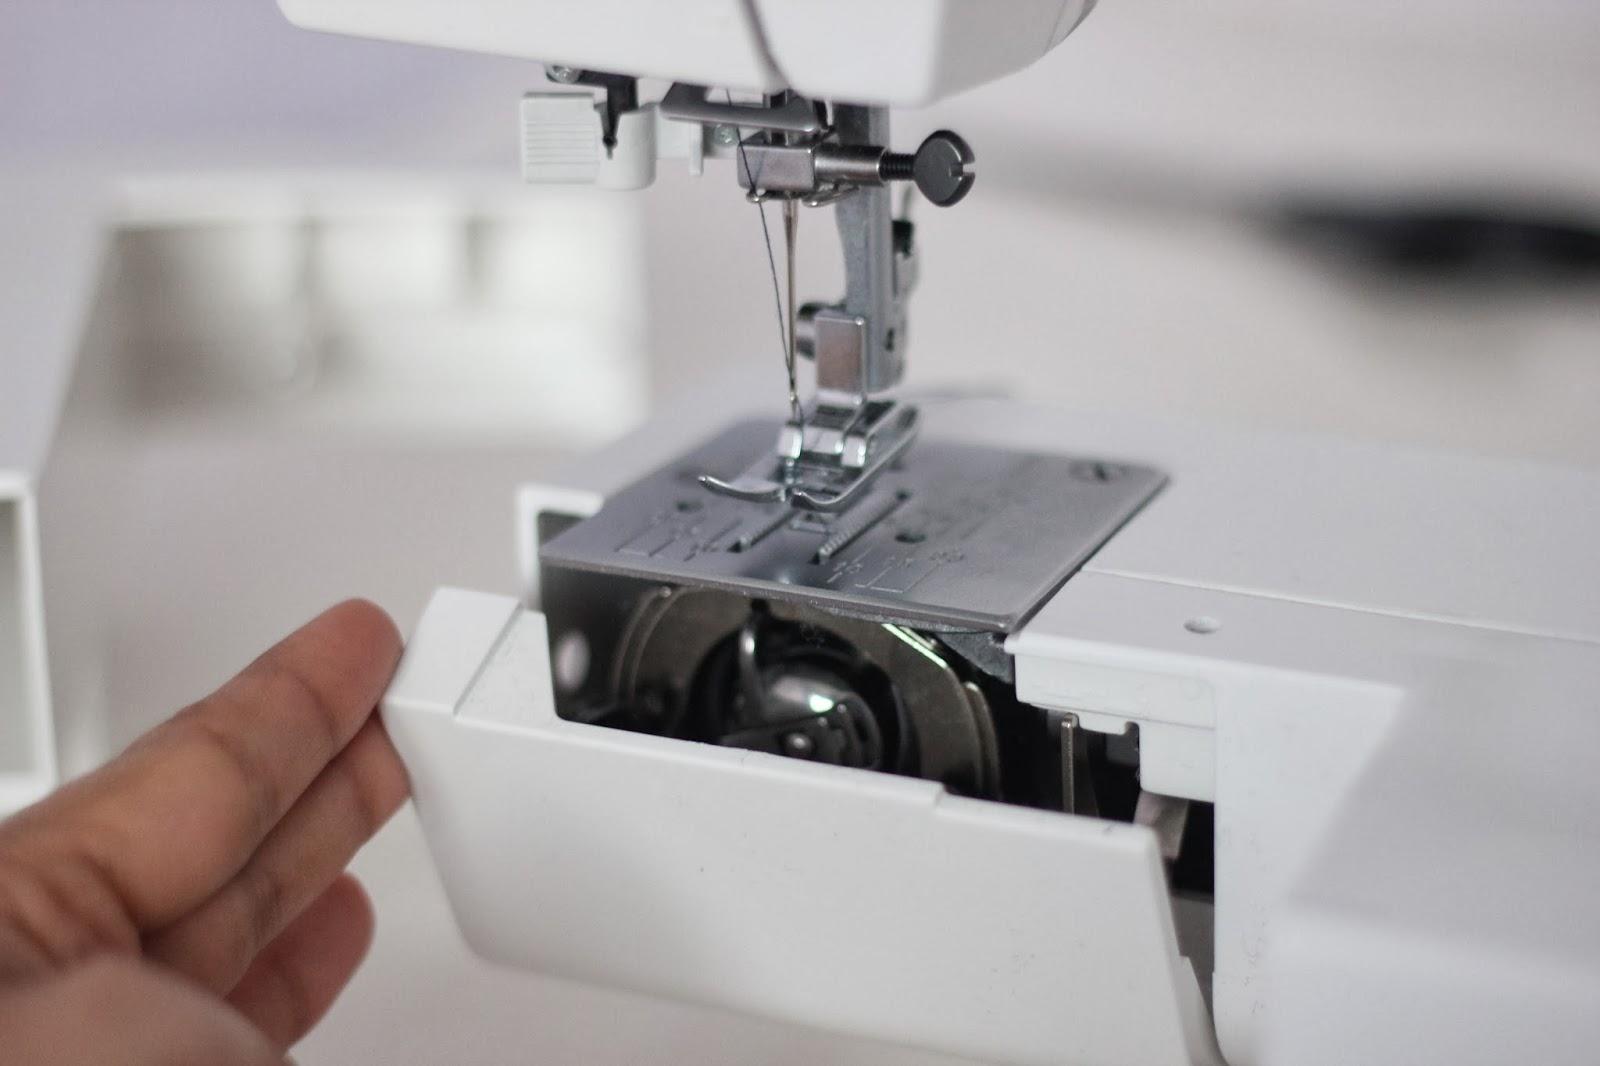 Sewing machine bobbin case